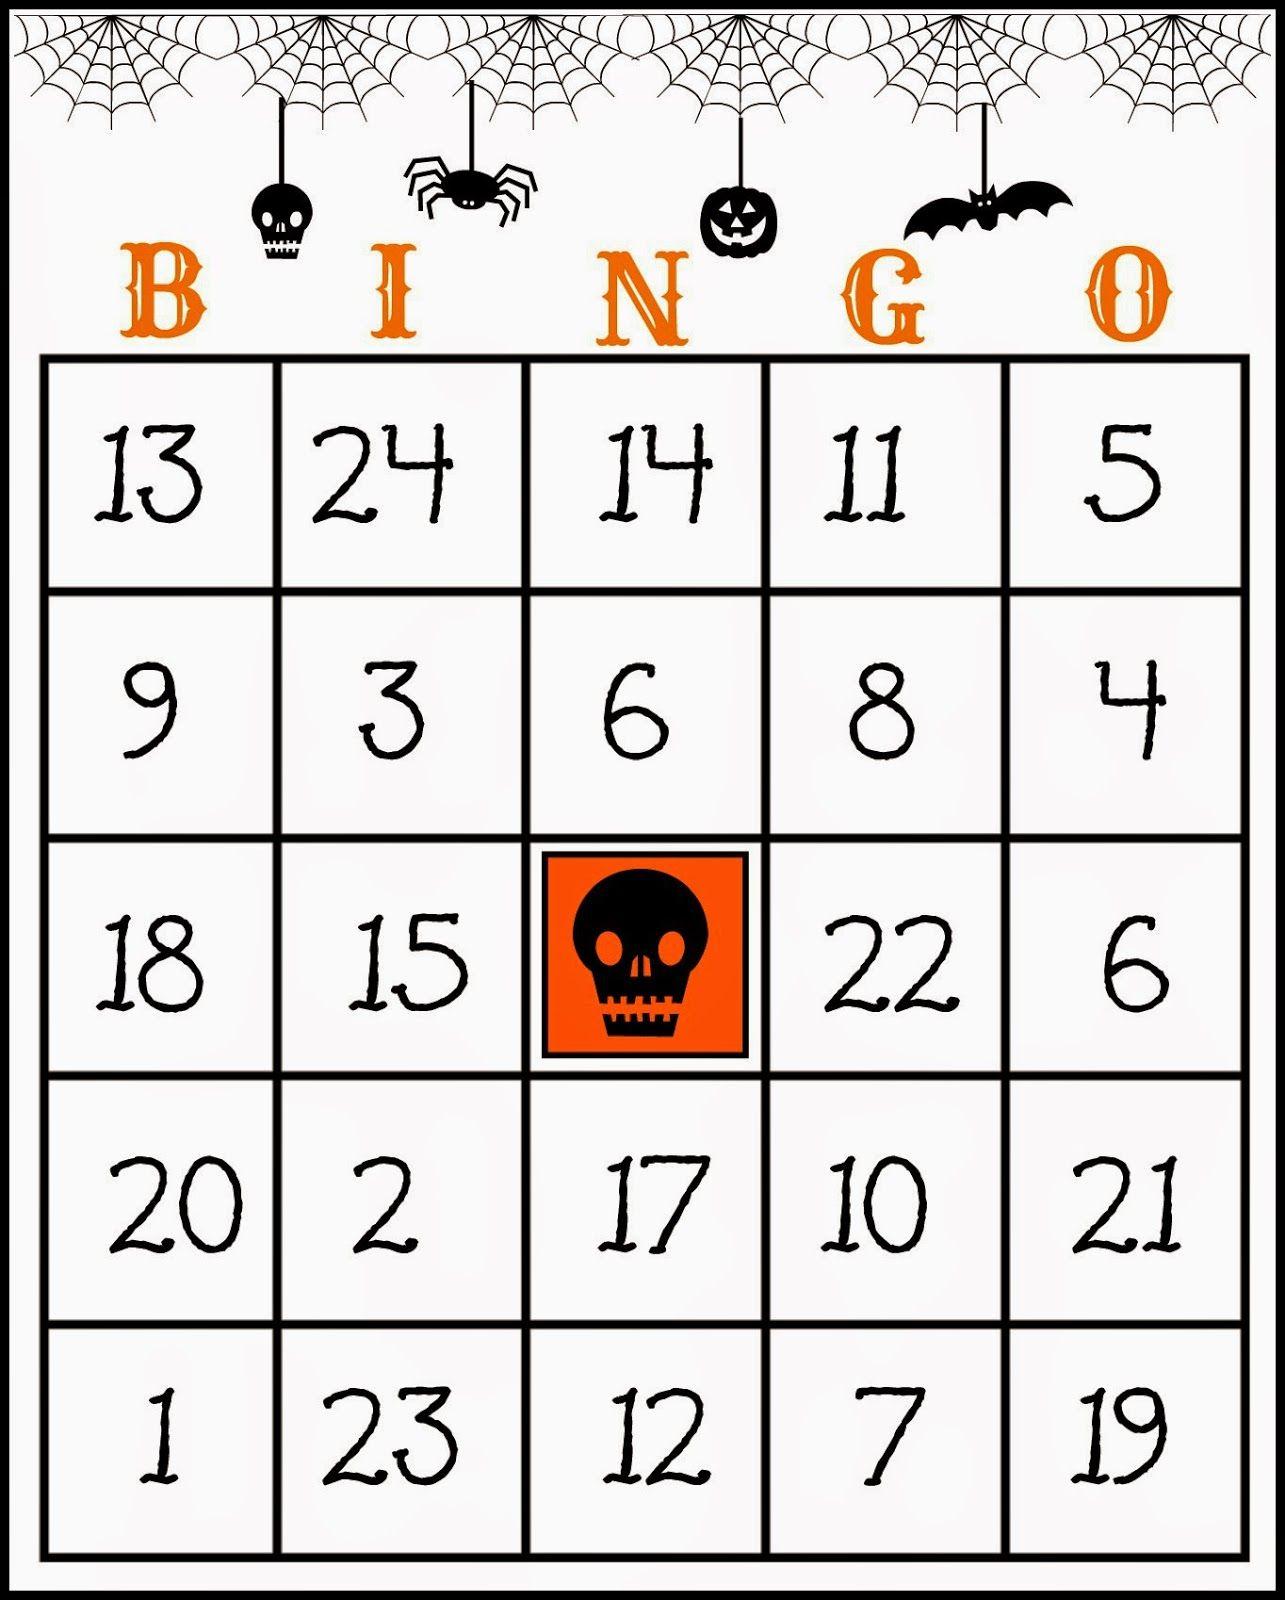 Free Printable Halloween Bingo Game | Halloween Bingo Game